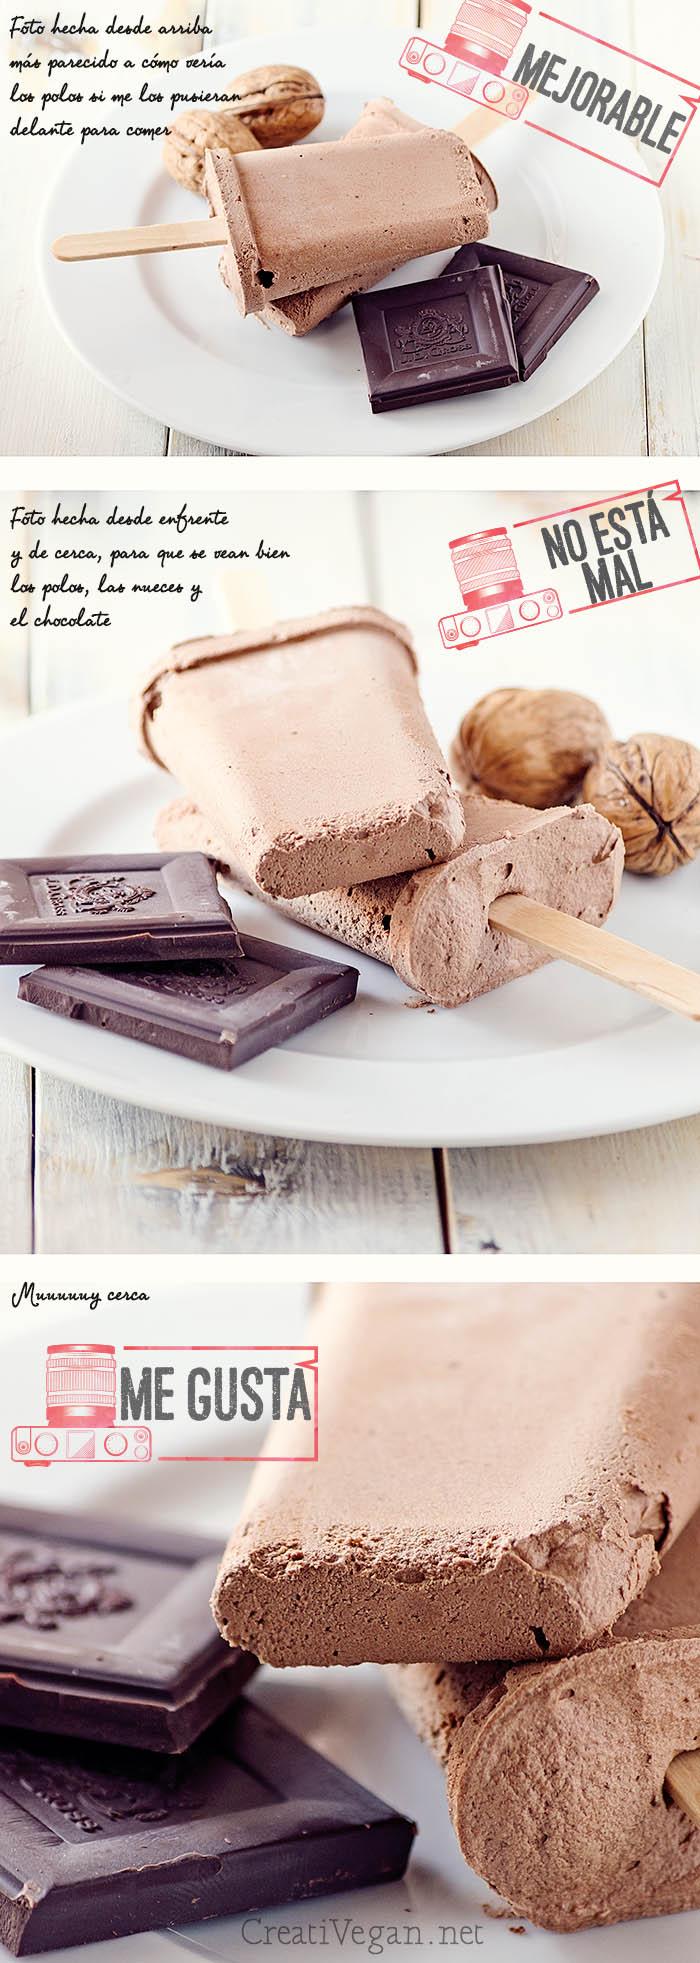 Polos de chocolate - elección de fotos - CreatiVegan.net